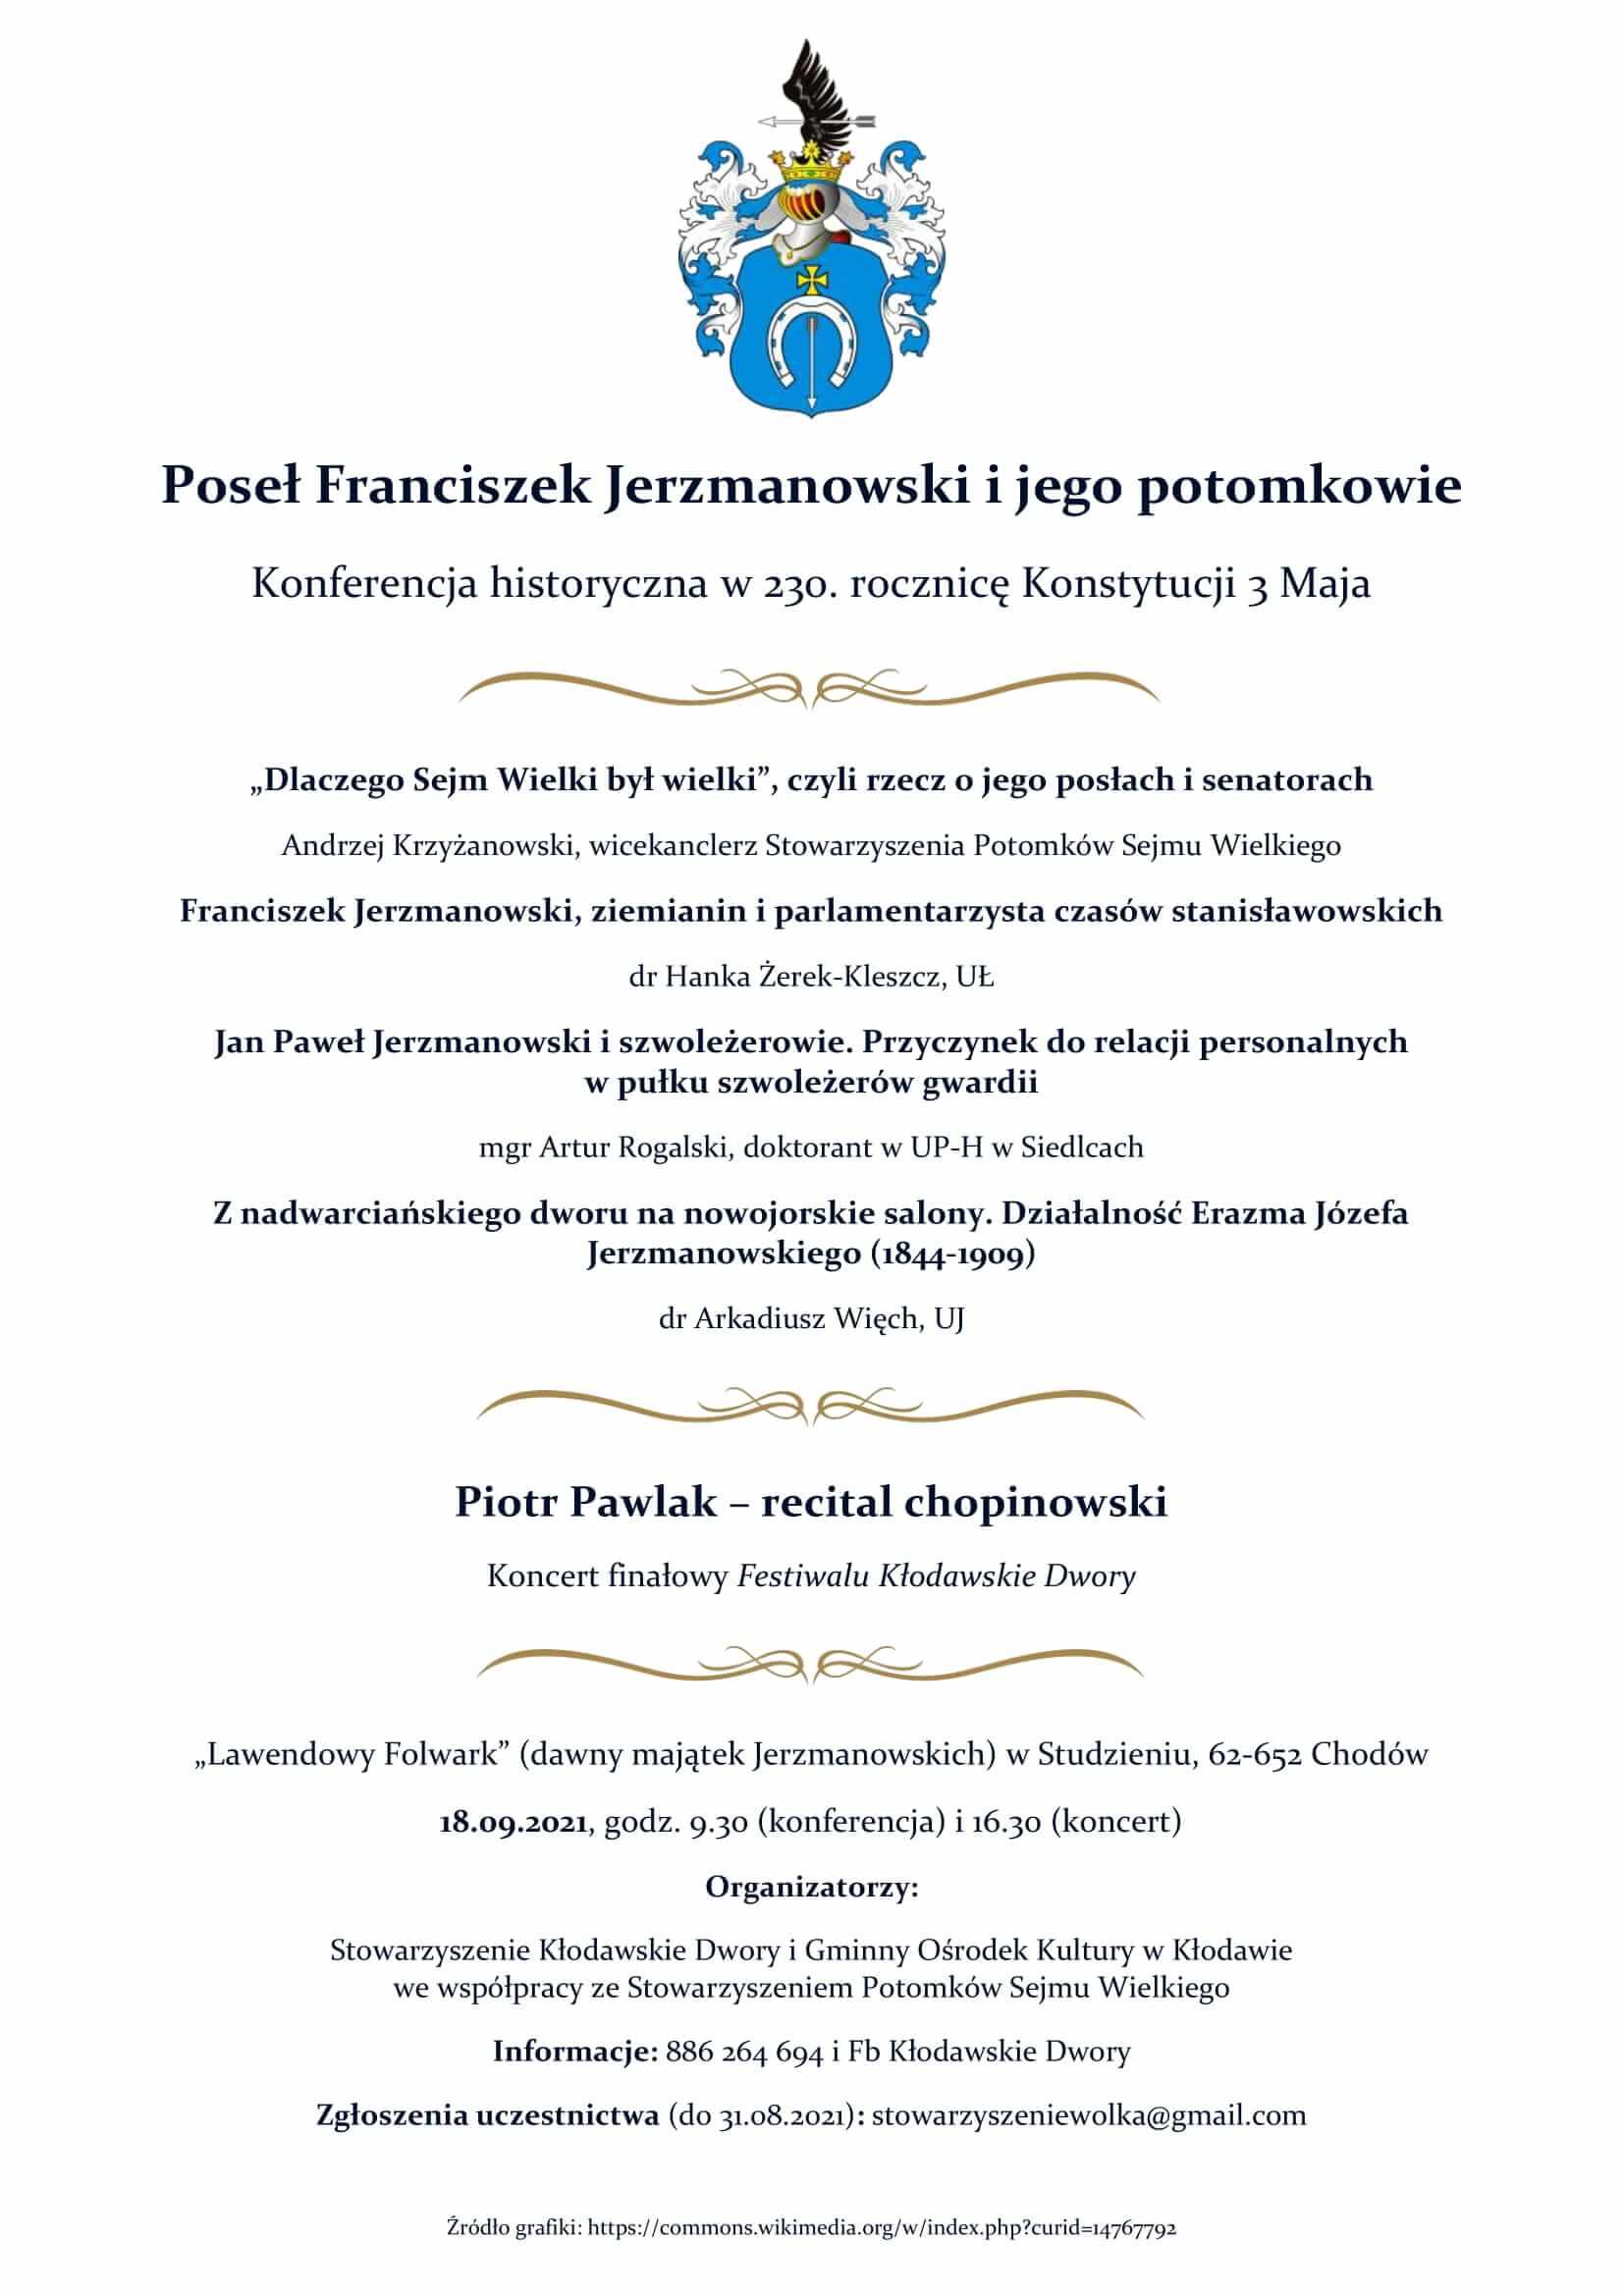 konferencja 18.09 Kłodawskie Dwory